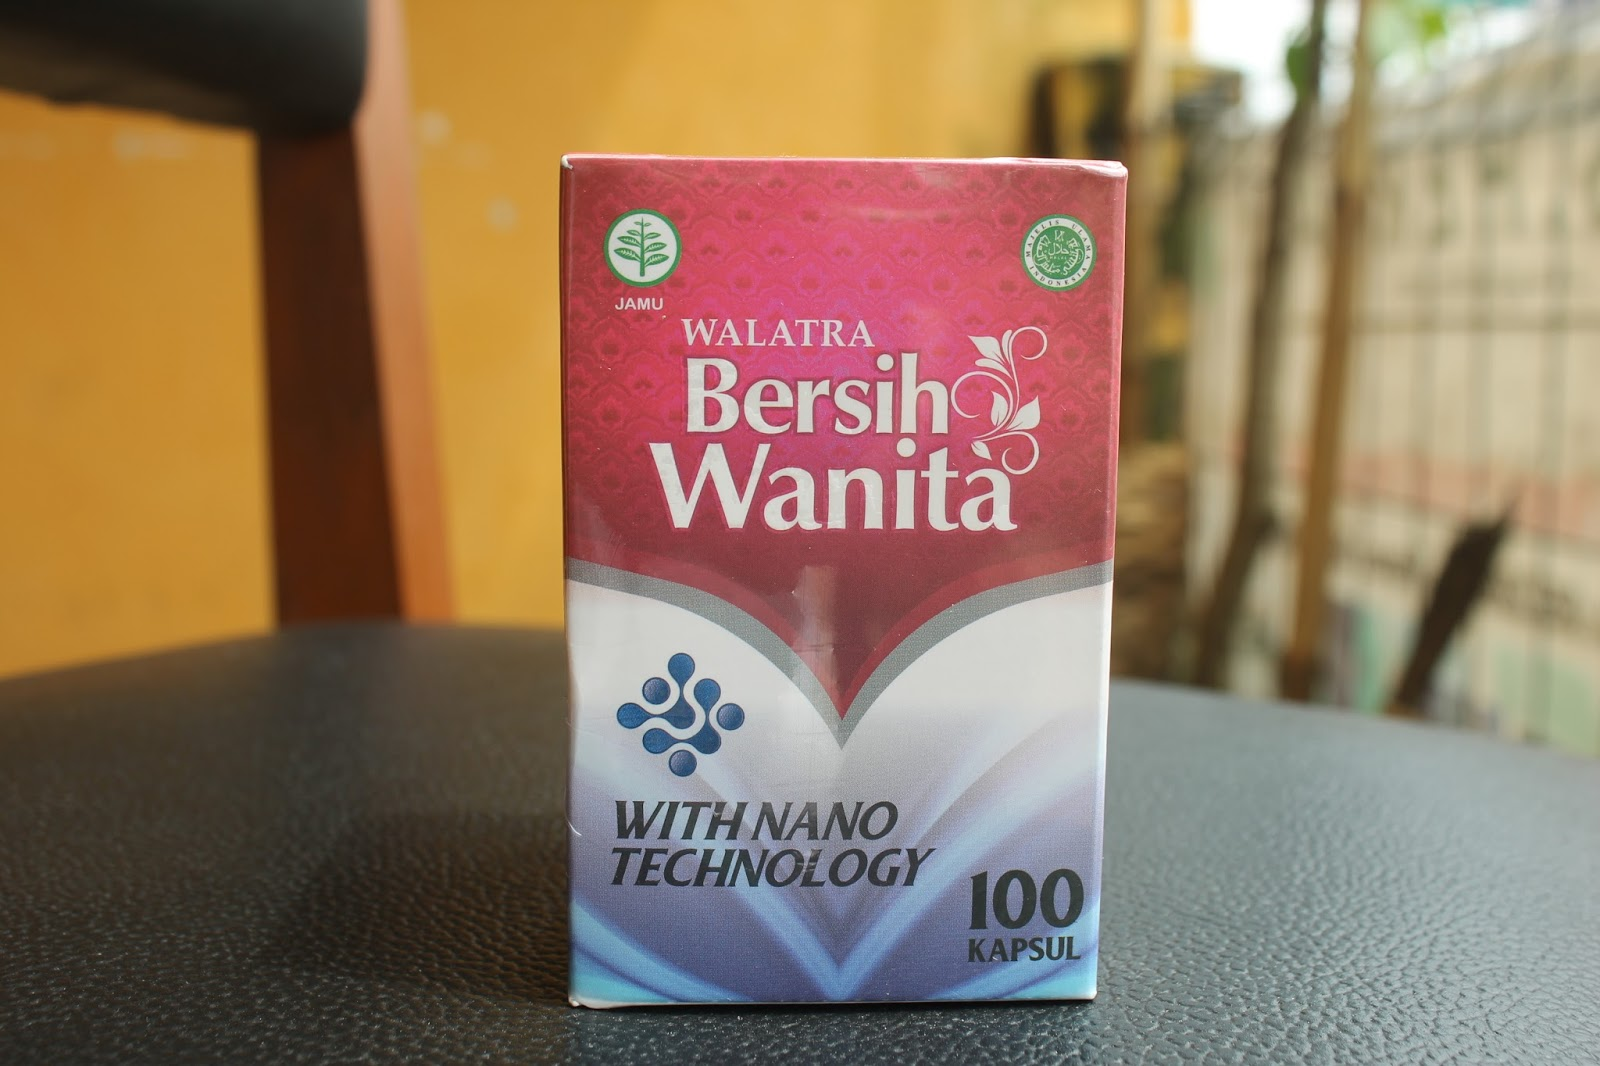 Obat Pelancar Haid Di Apotik Herbal